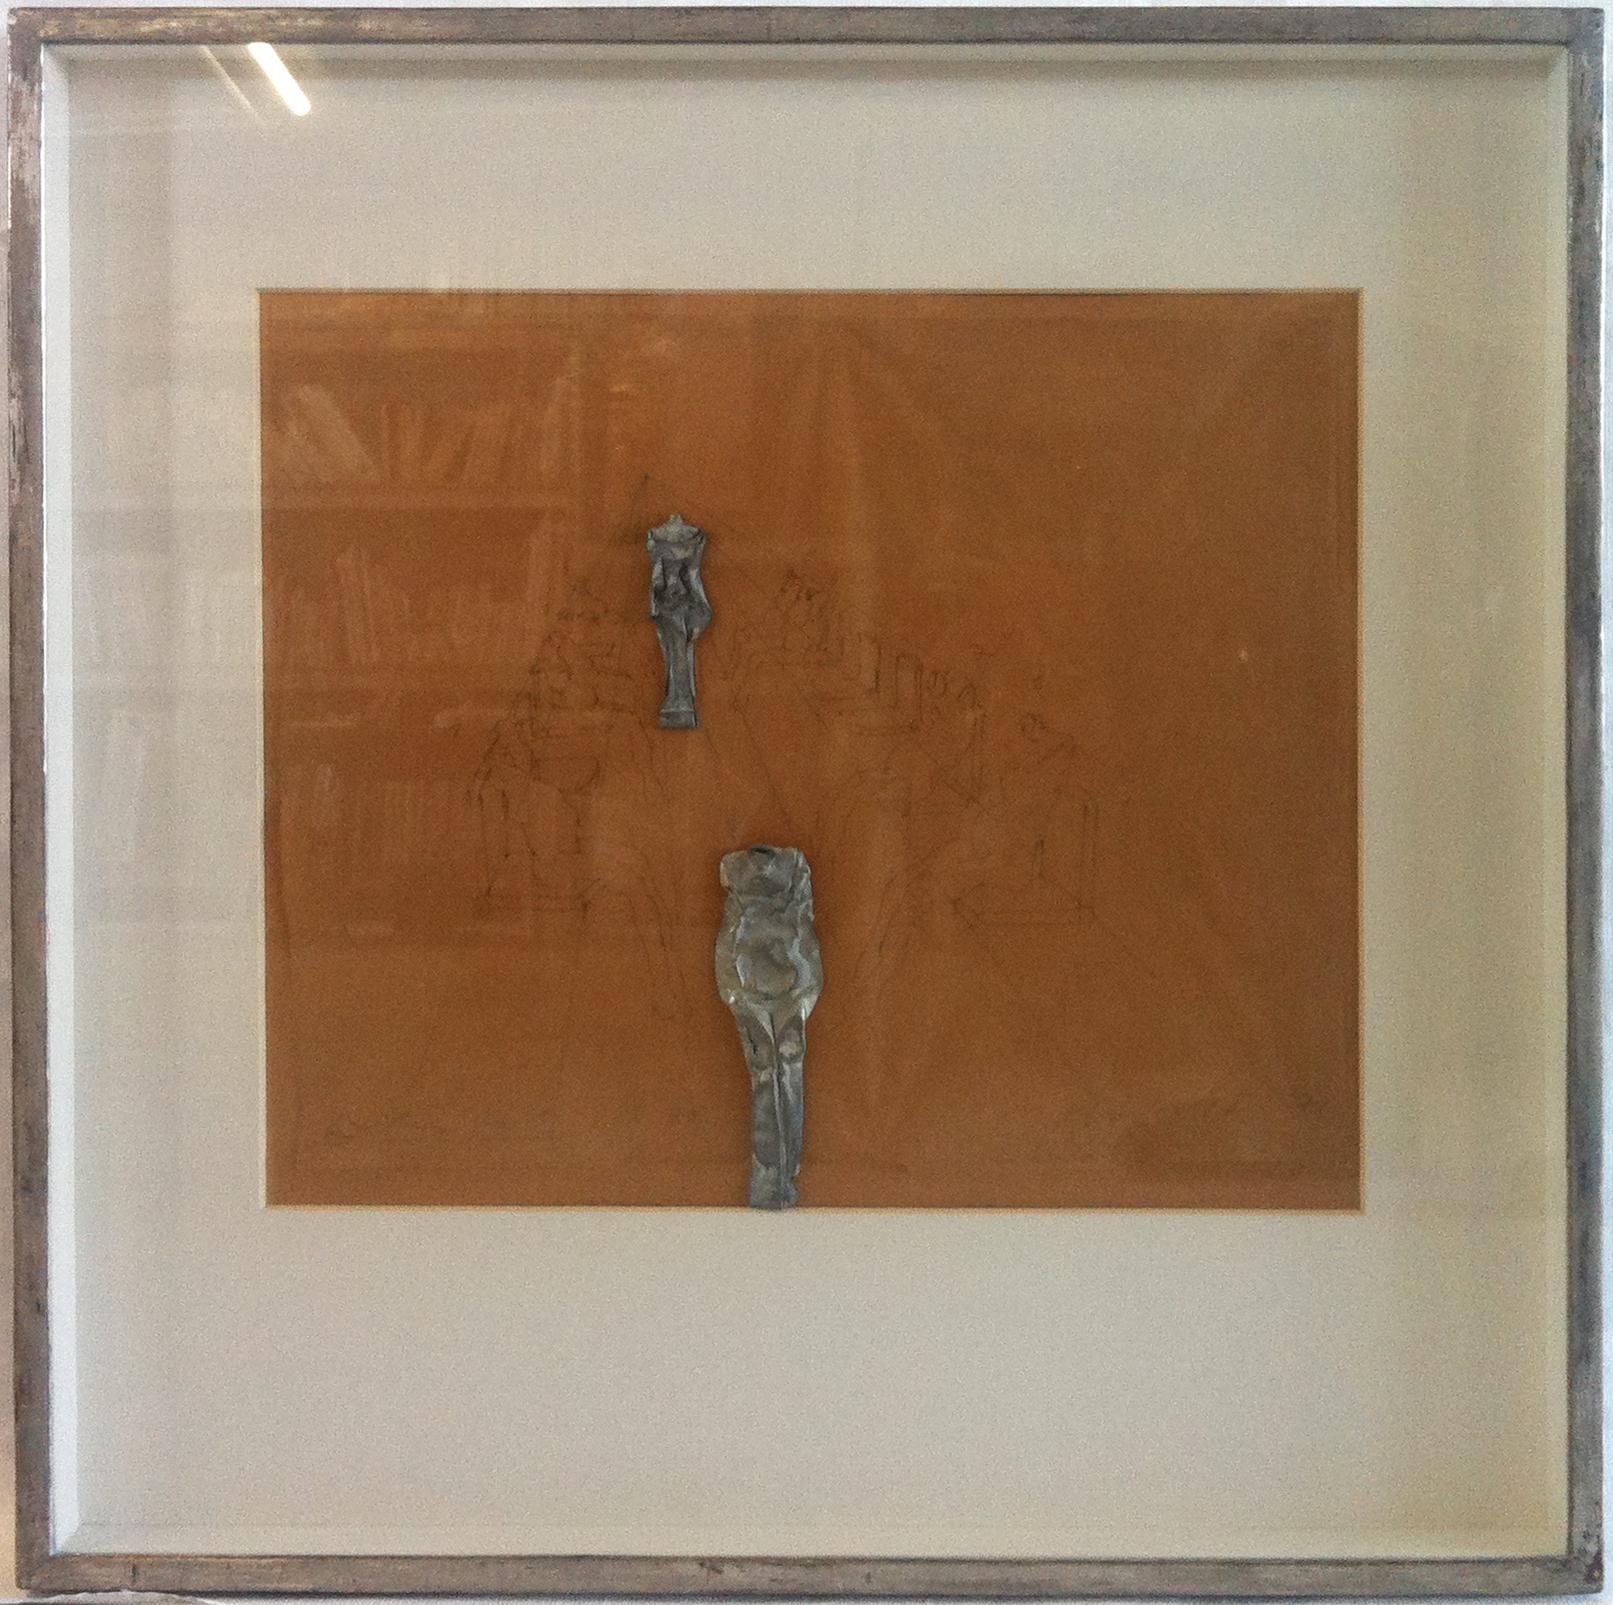 o.T. | 1971 | Bleistift und Blechrelief auf Papier, montiert auf braunem Karton | 33,5 x 39,5 cm